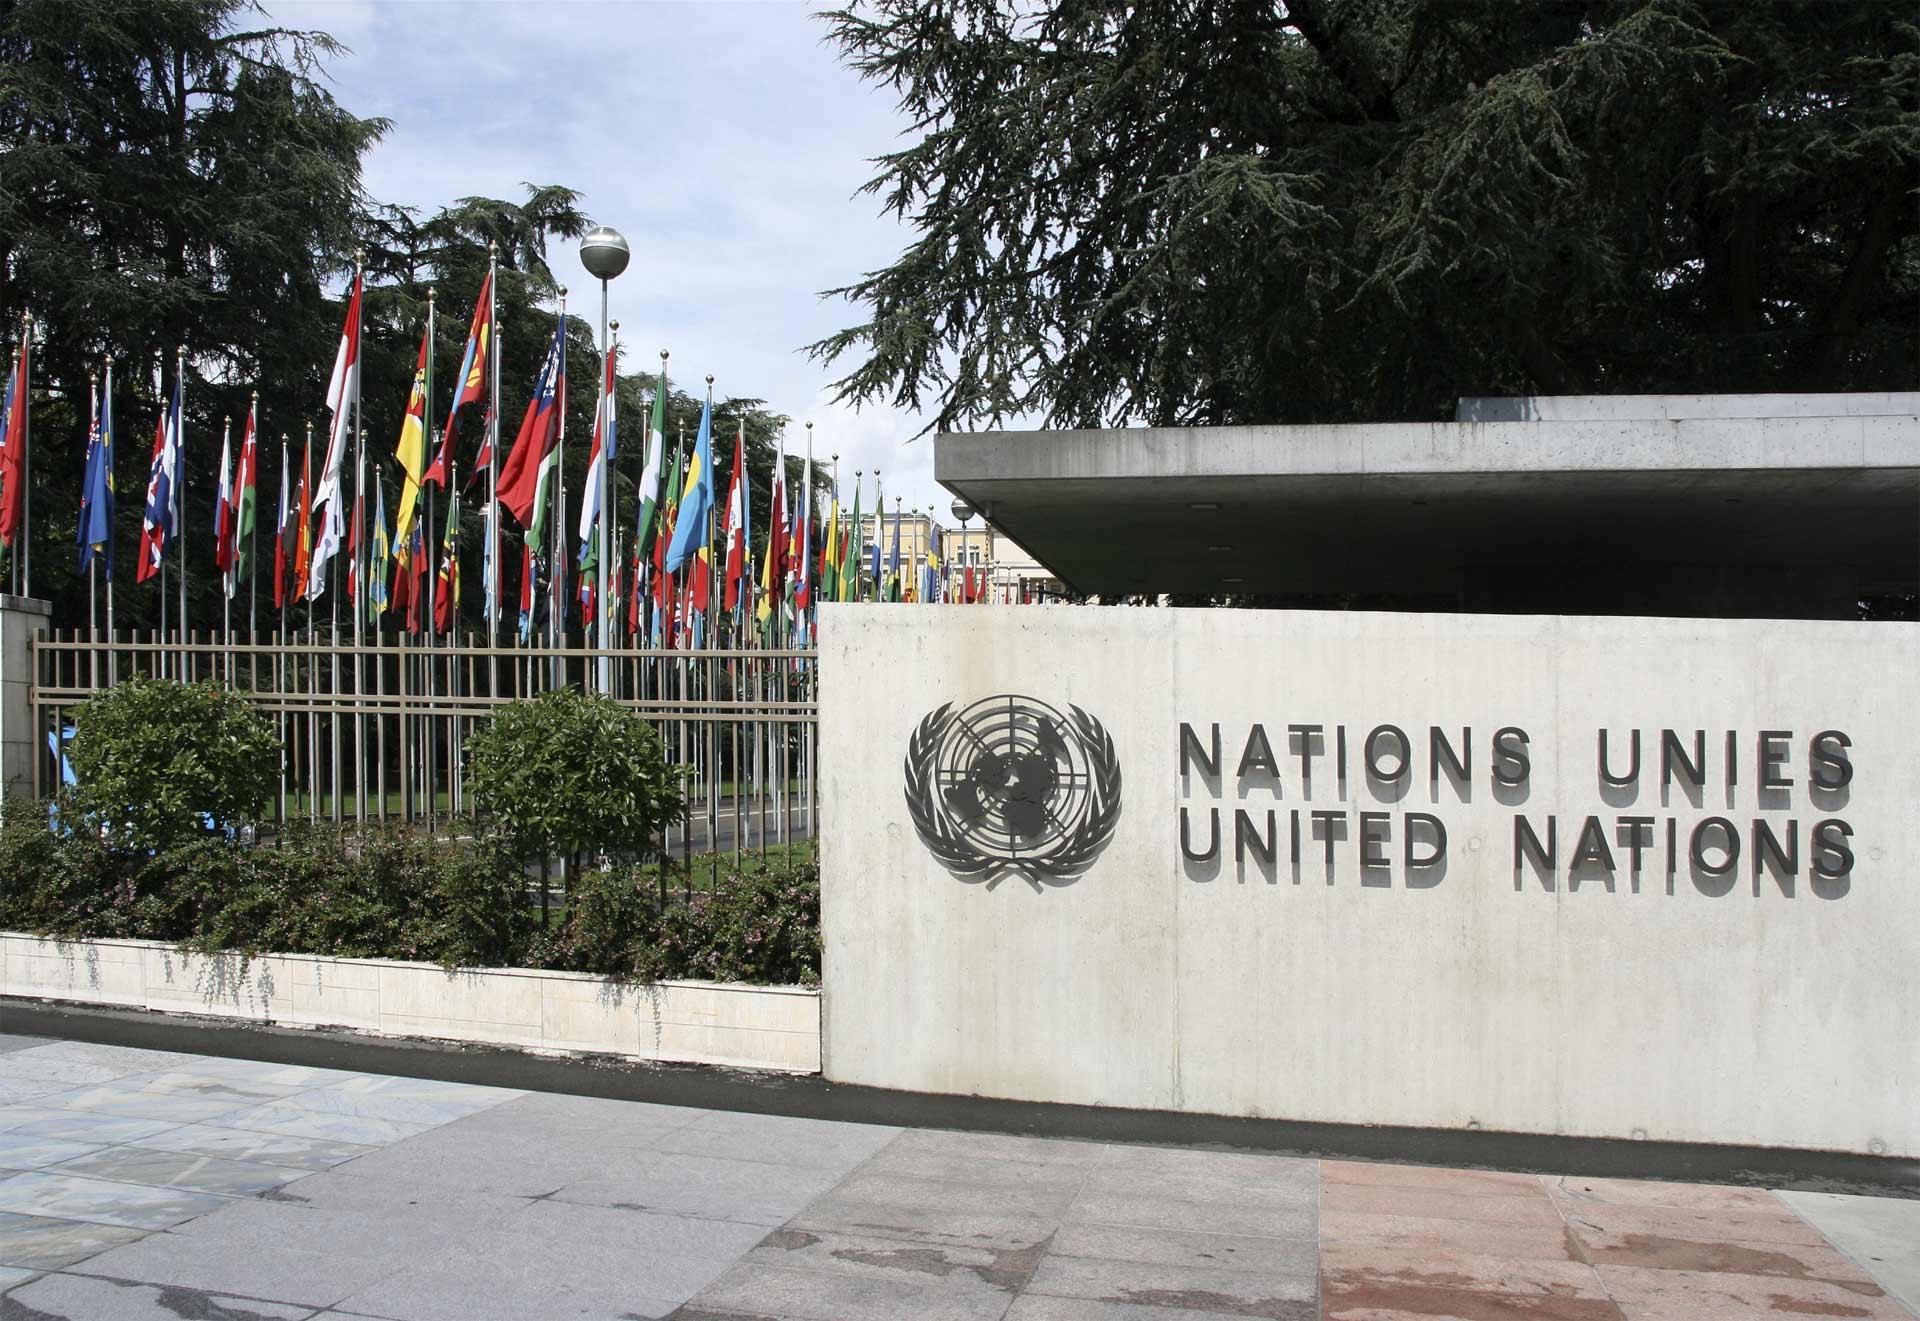 Una comisión de la ONU arrivó a territorio guyanés para analizar las medidas frente al desacuerdo sobre el Esequibo